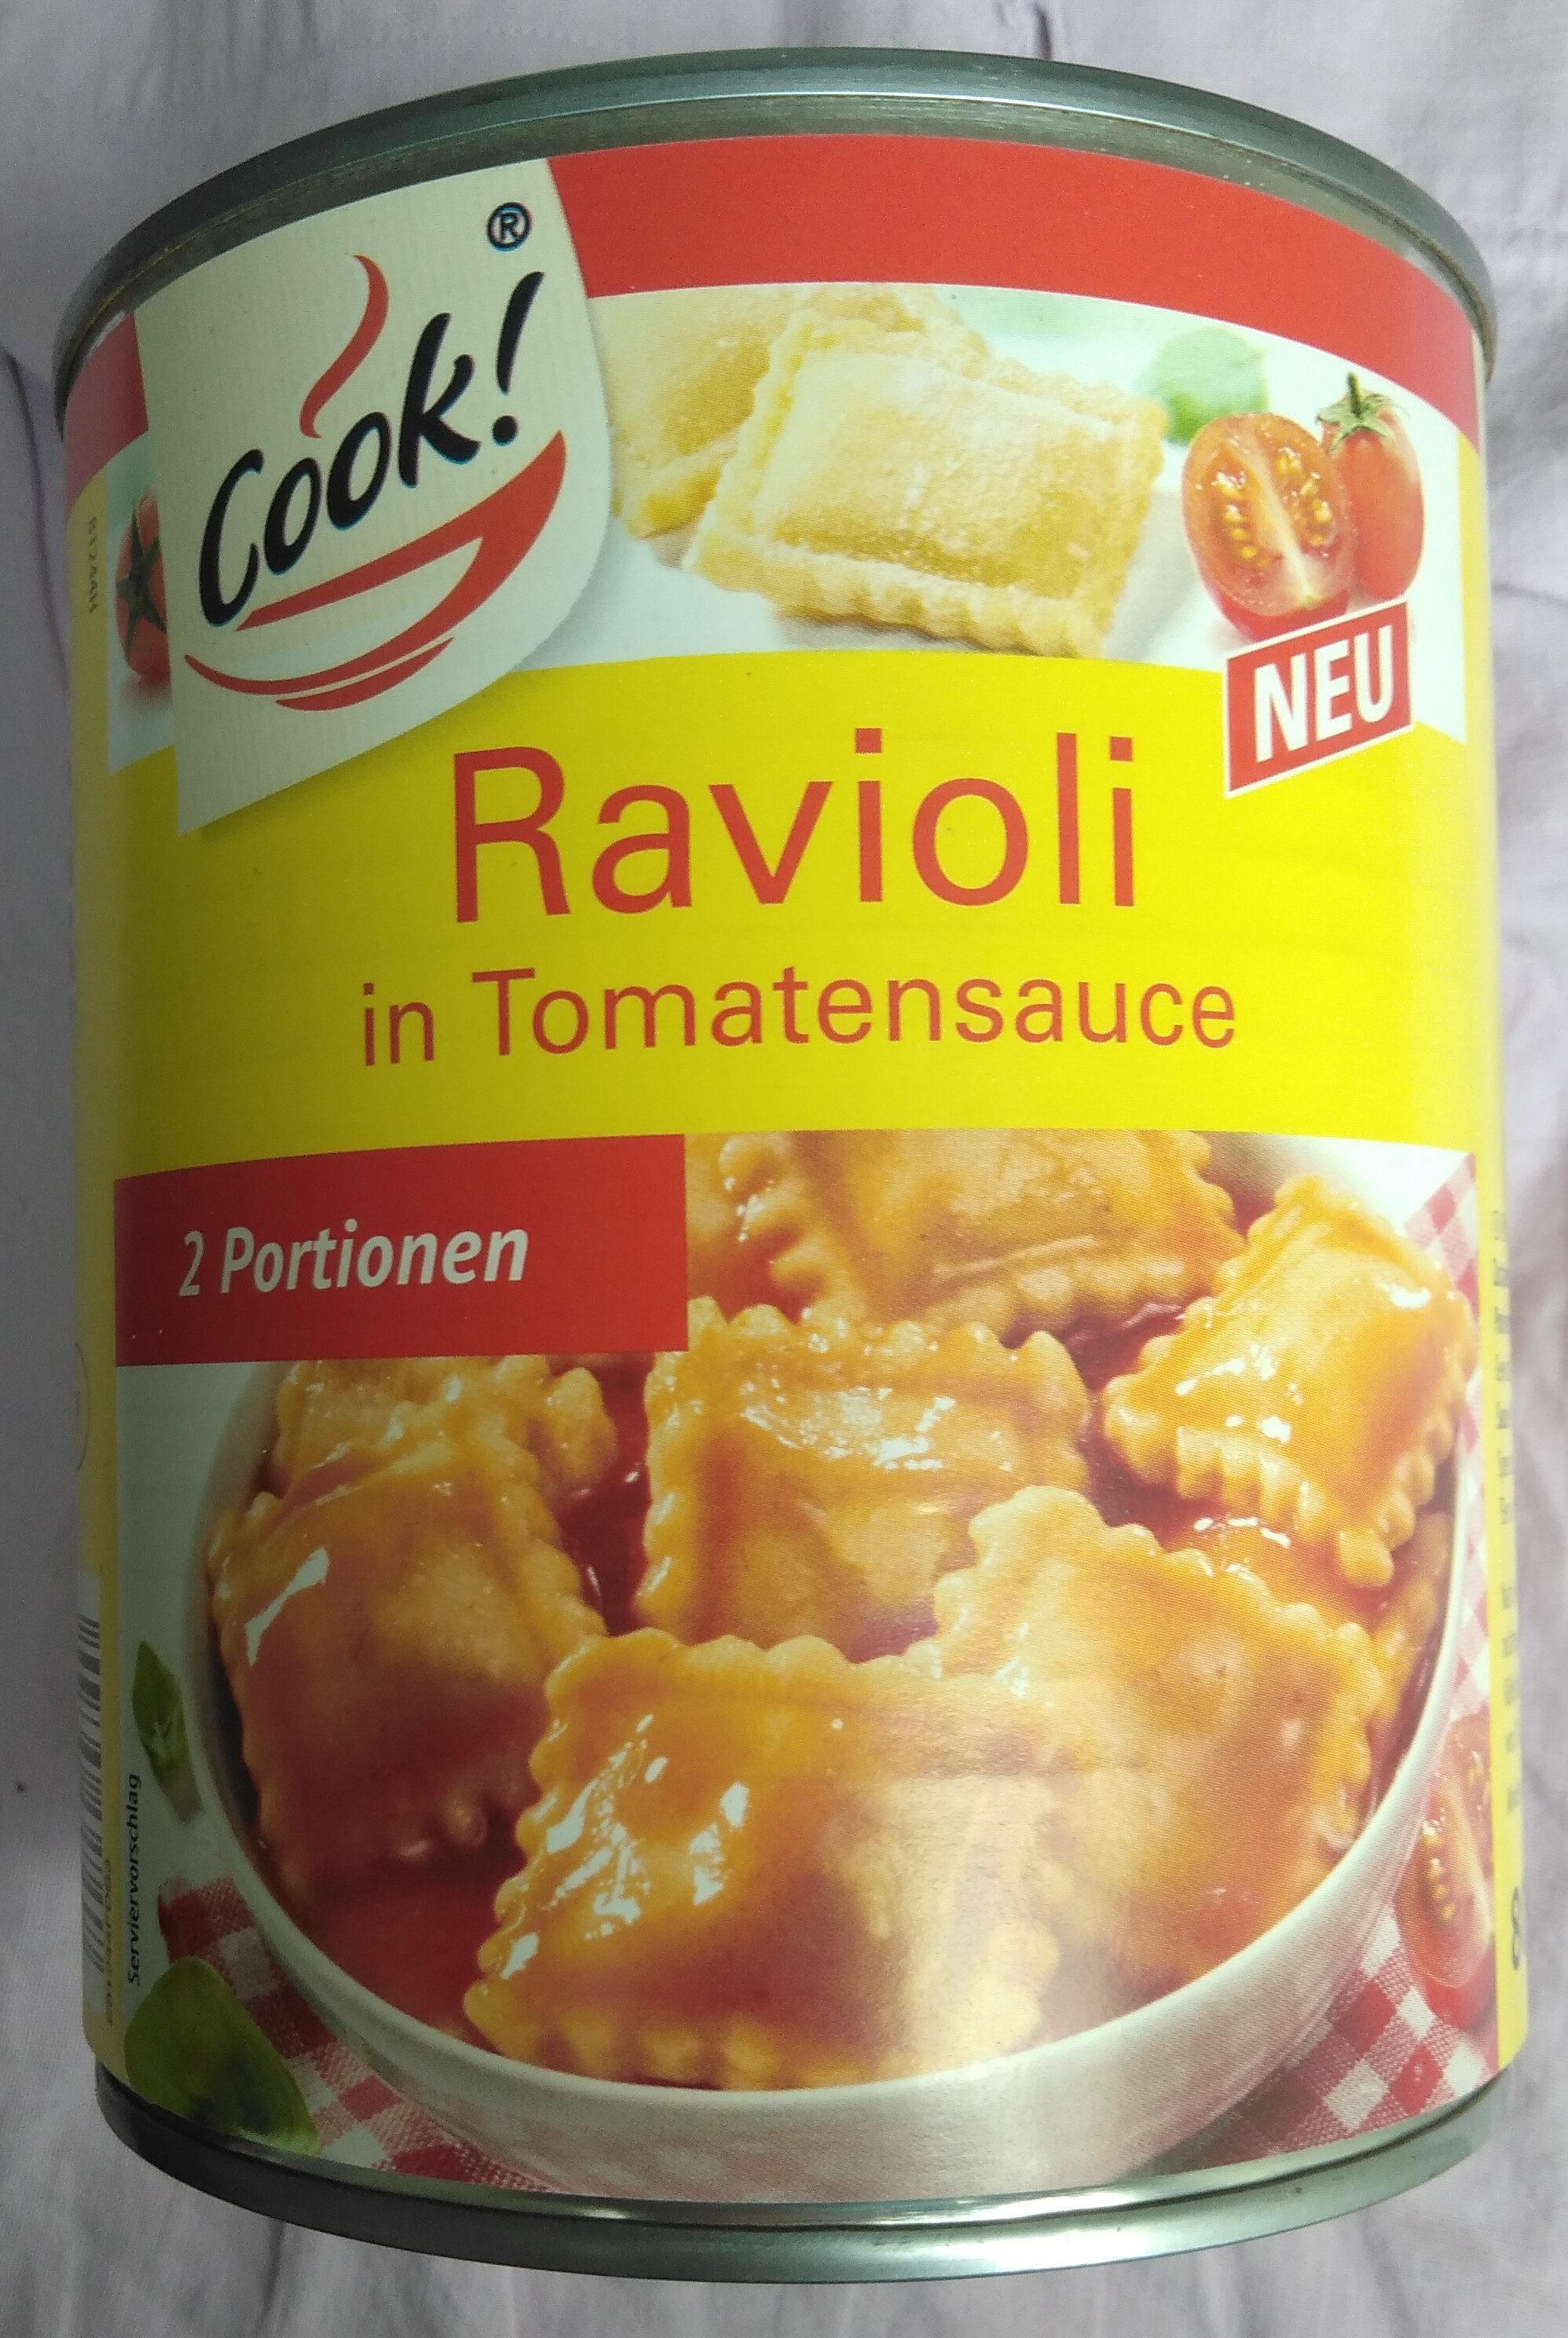 Ravioli in Tomatensoße - Product